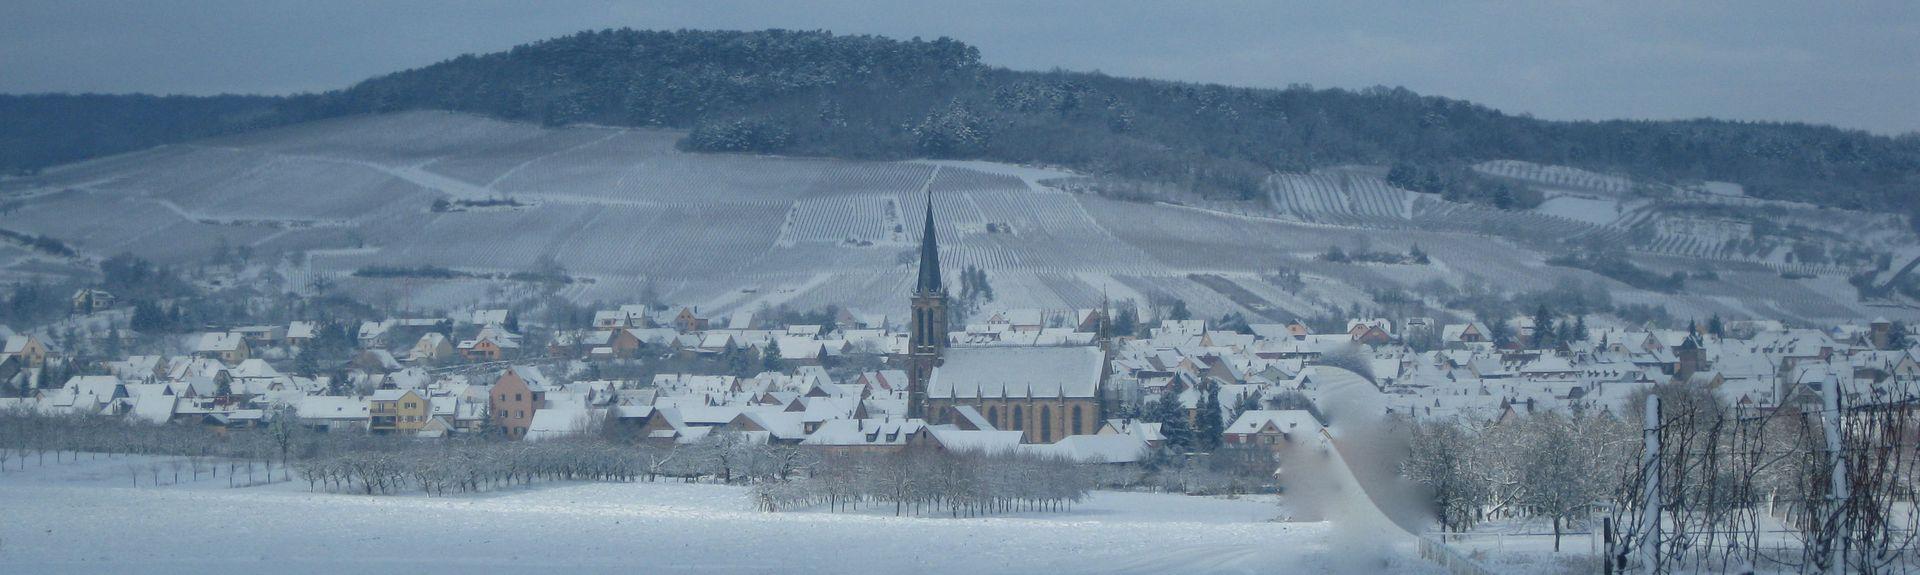 Schwenheim, Bas-Rhin, France